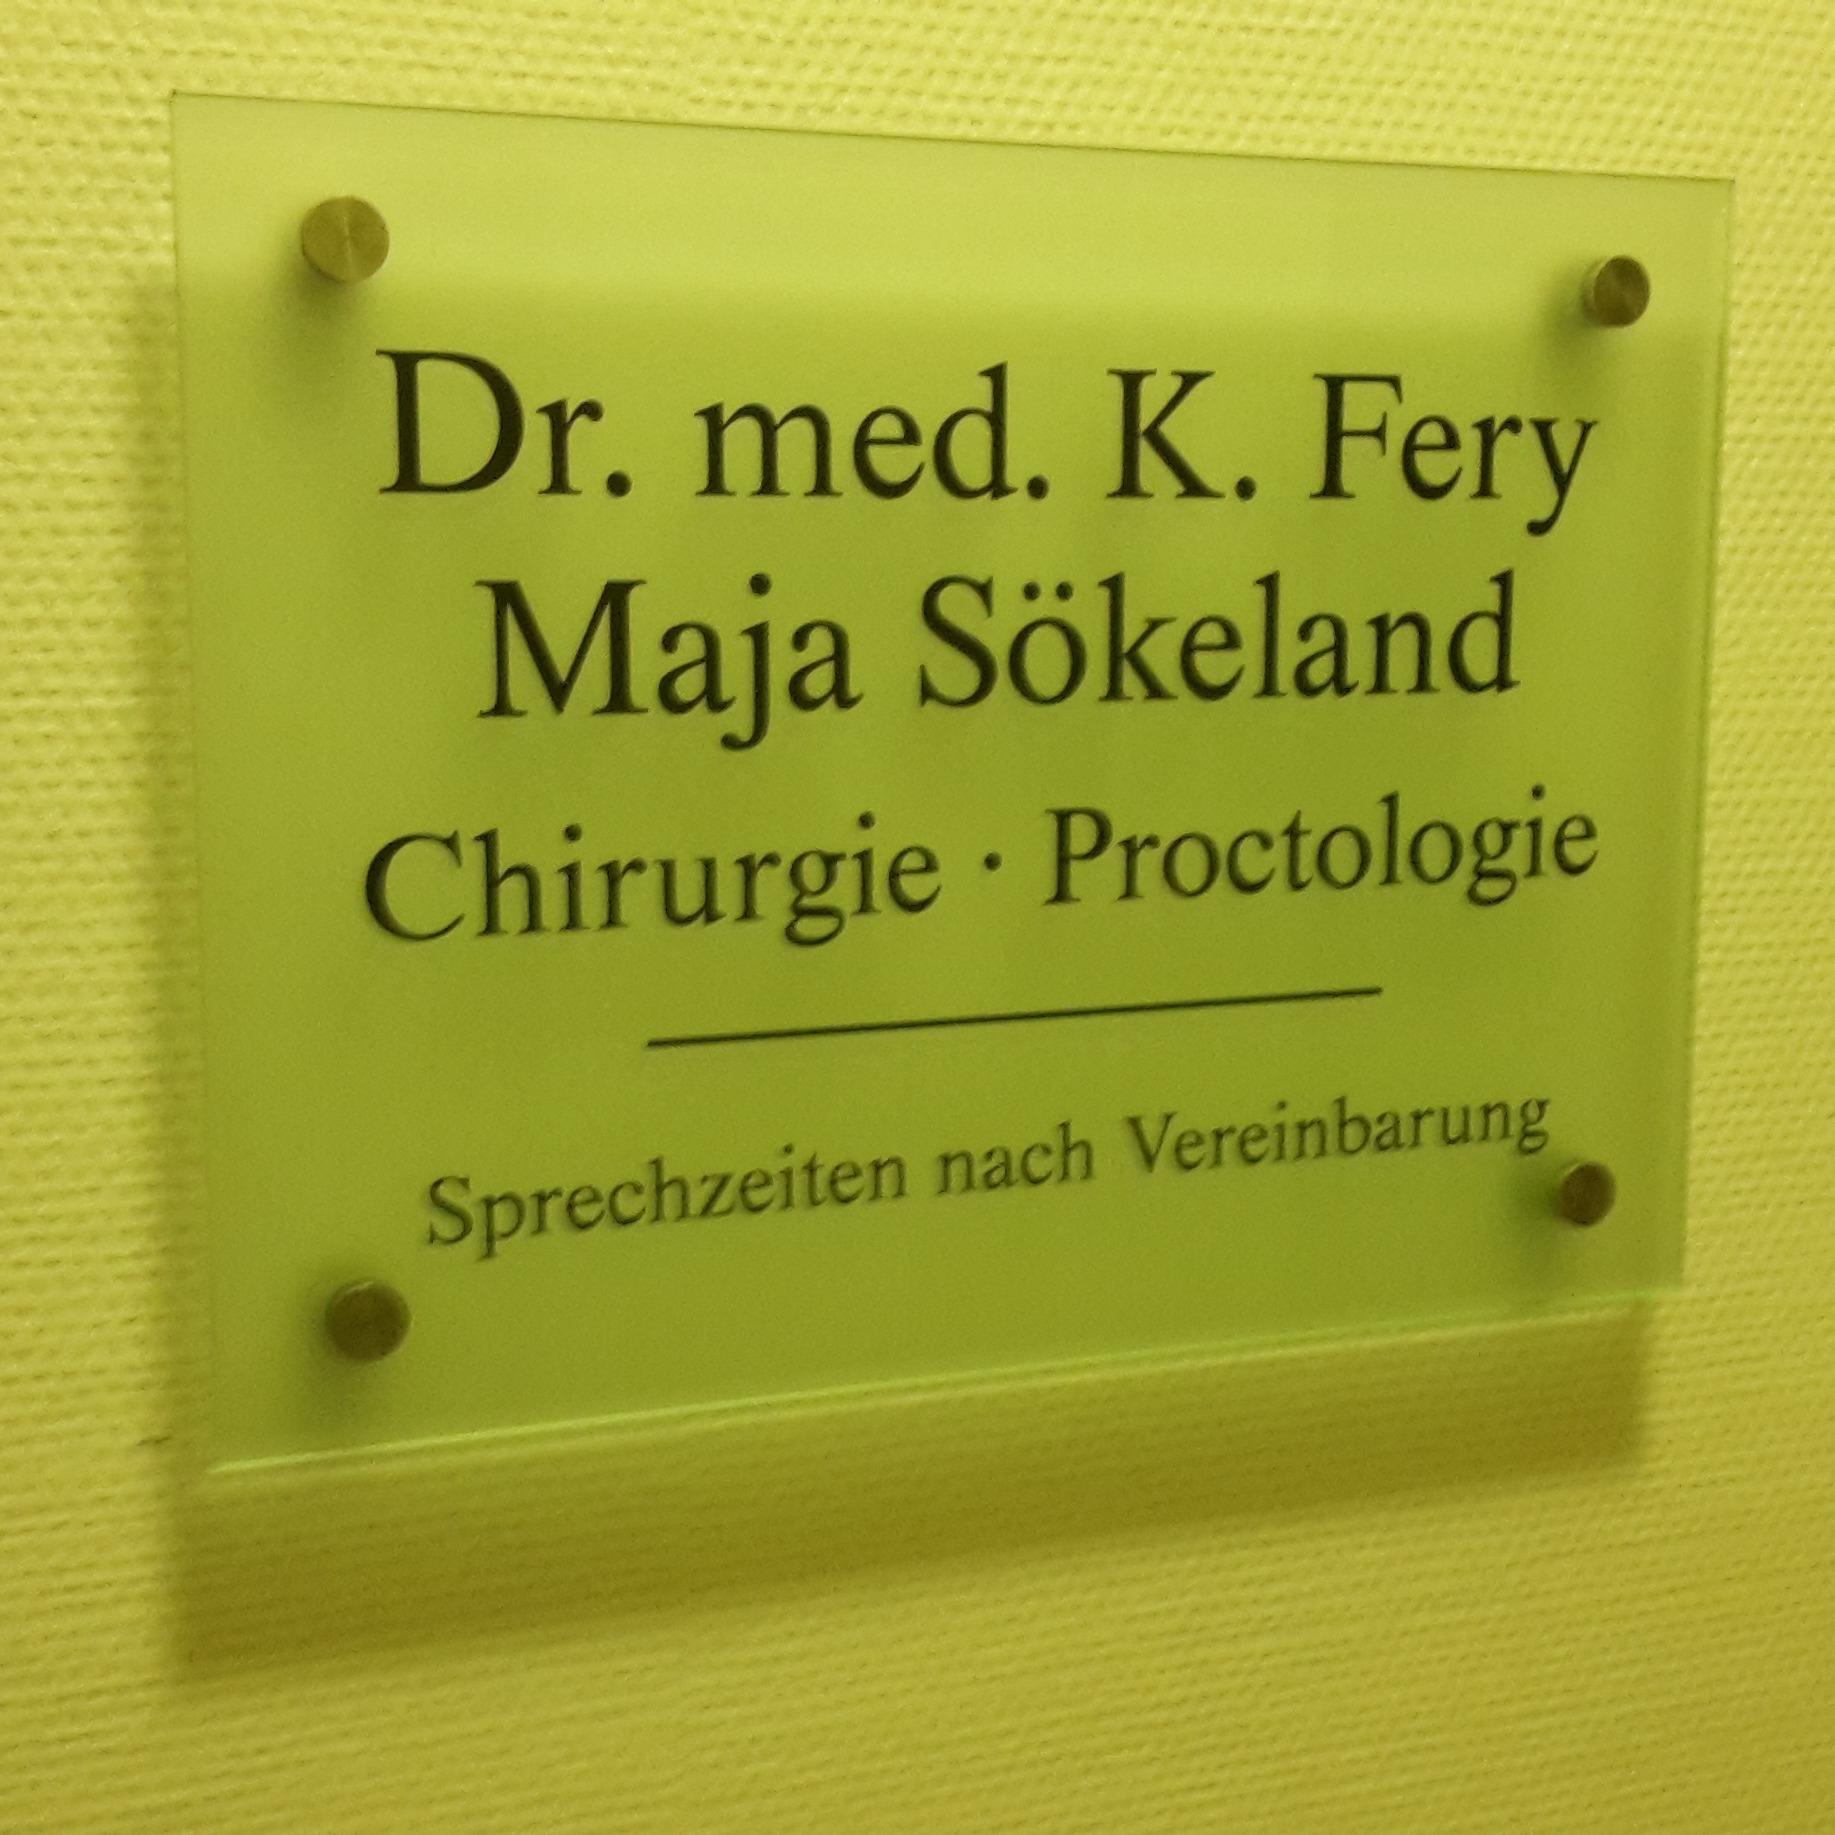 Bild zu Chirurgie & Proktologie Dr. Klaus Fery & Maja Sökeland Köln in Köln